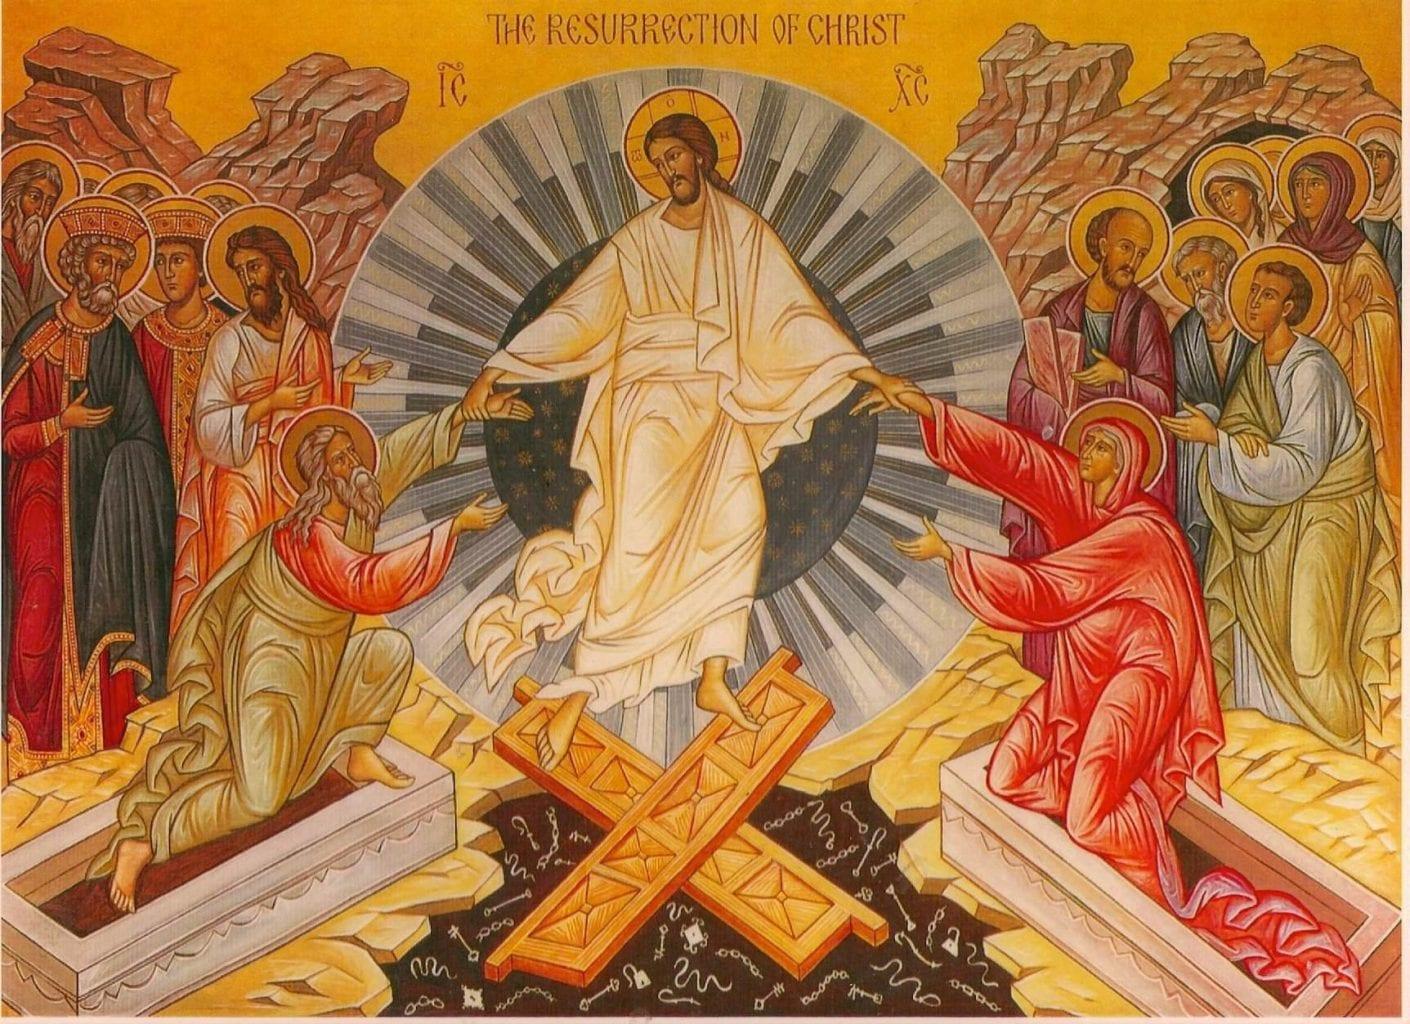 Easter Praise of Christ